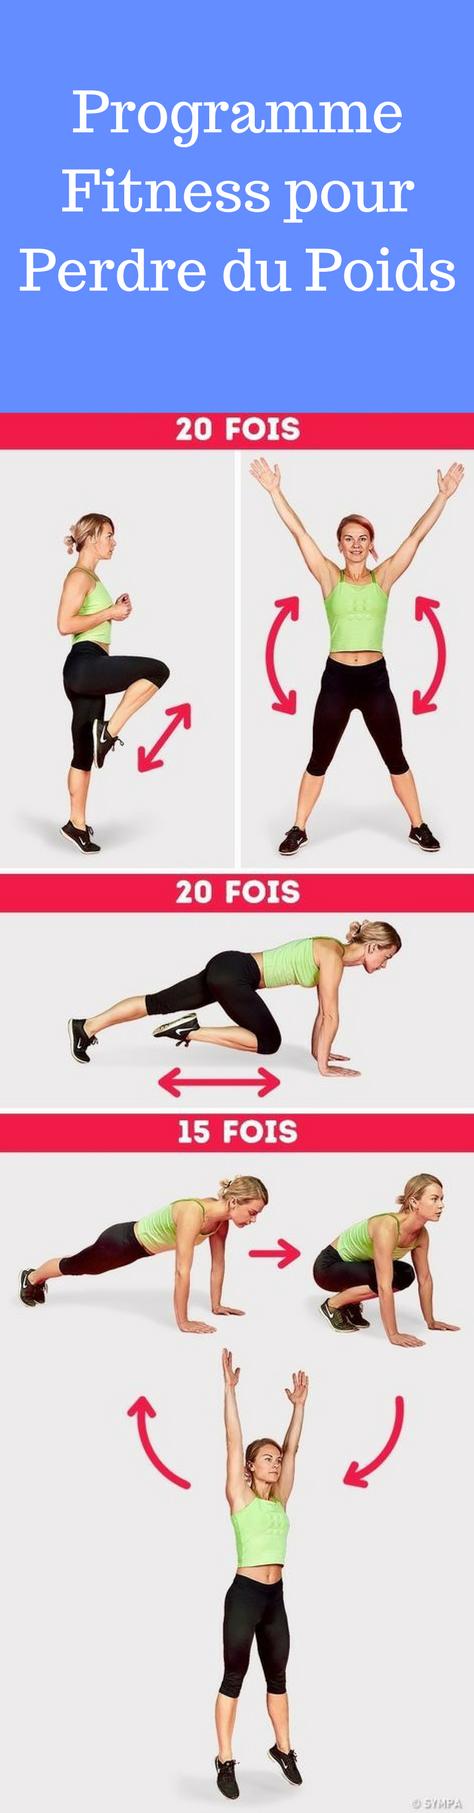 exercice pour perdre du poids femme